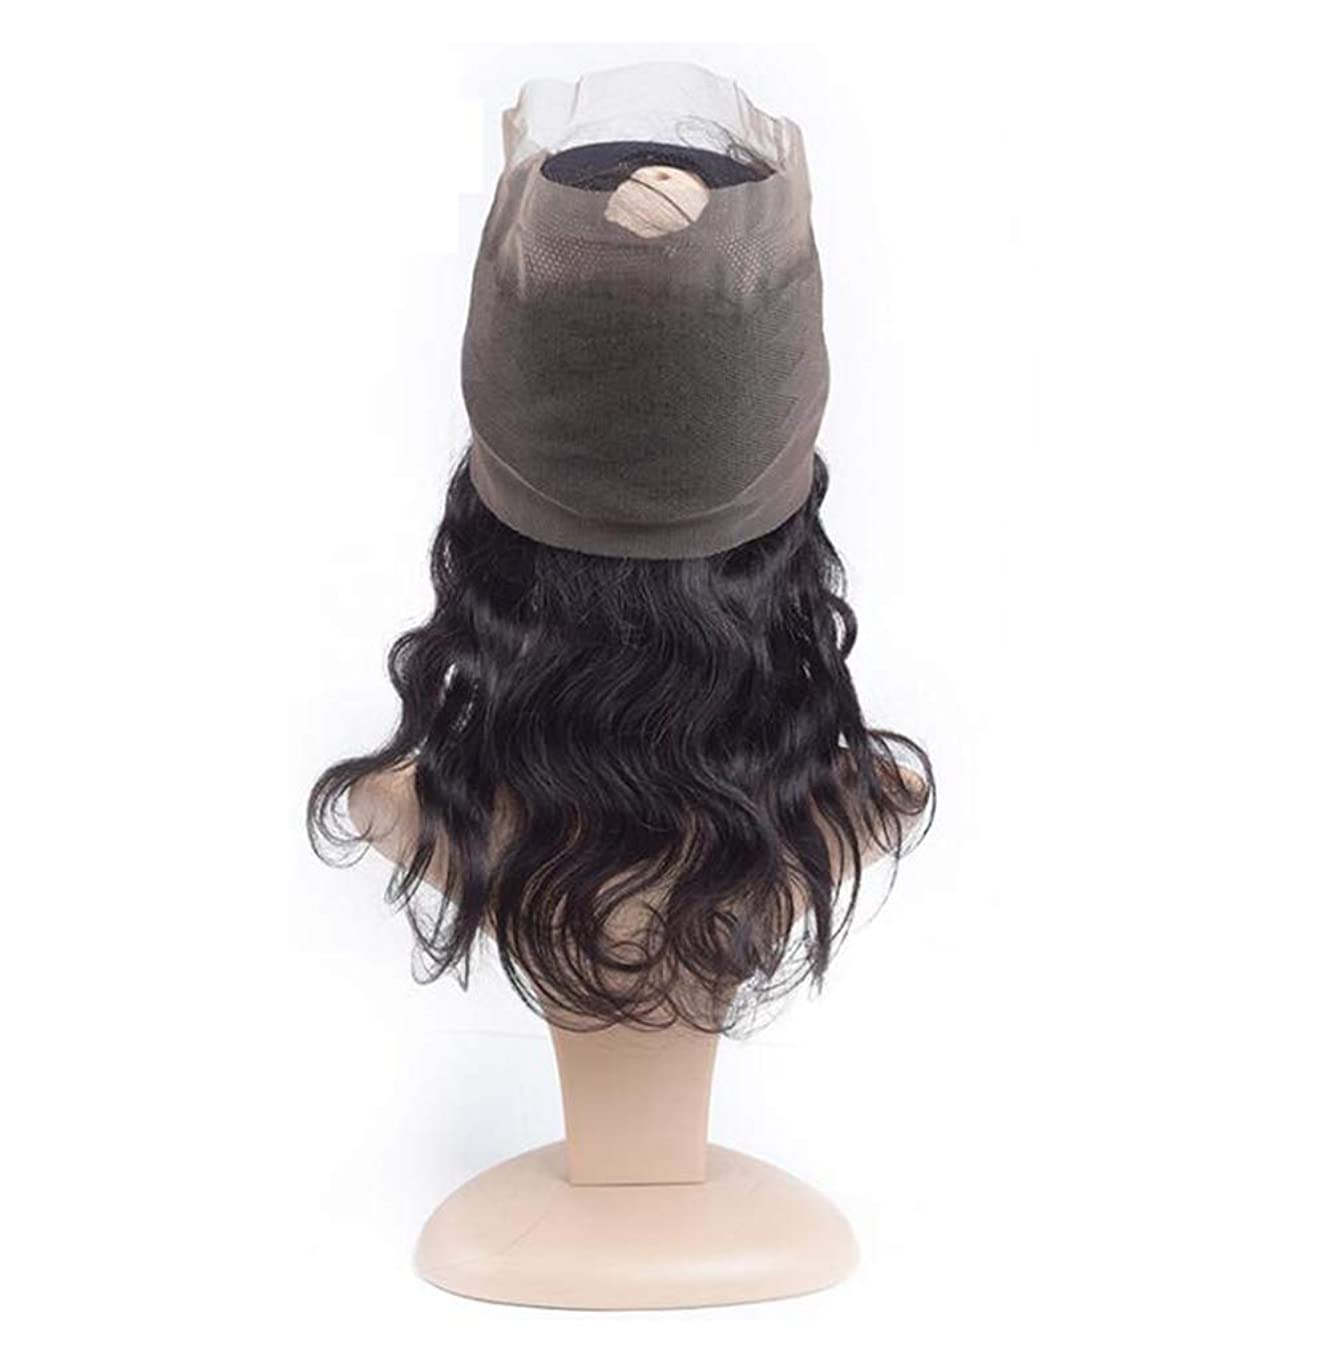 お風呂歴史家滝かつらブラジルウェーブバージンヘア3バンドルと閉鎖フリーパーツ 100% 未処理の人間の髪レミーヘアエクステンションナチュラルブラック